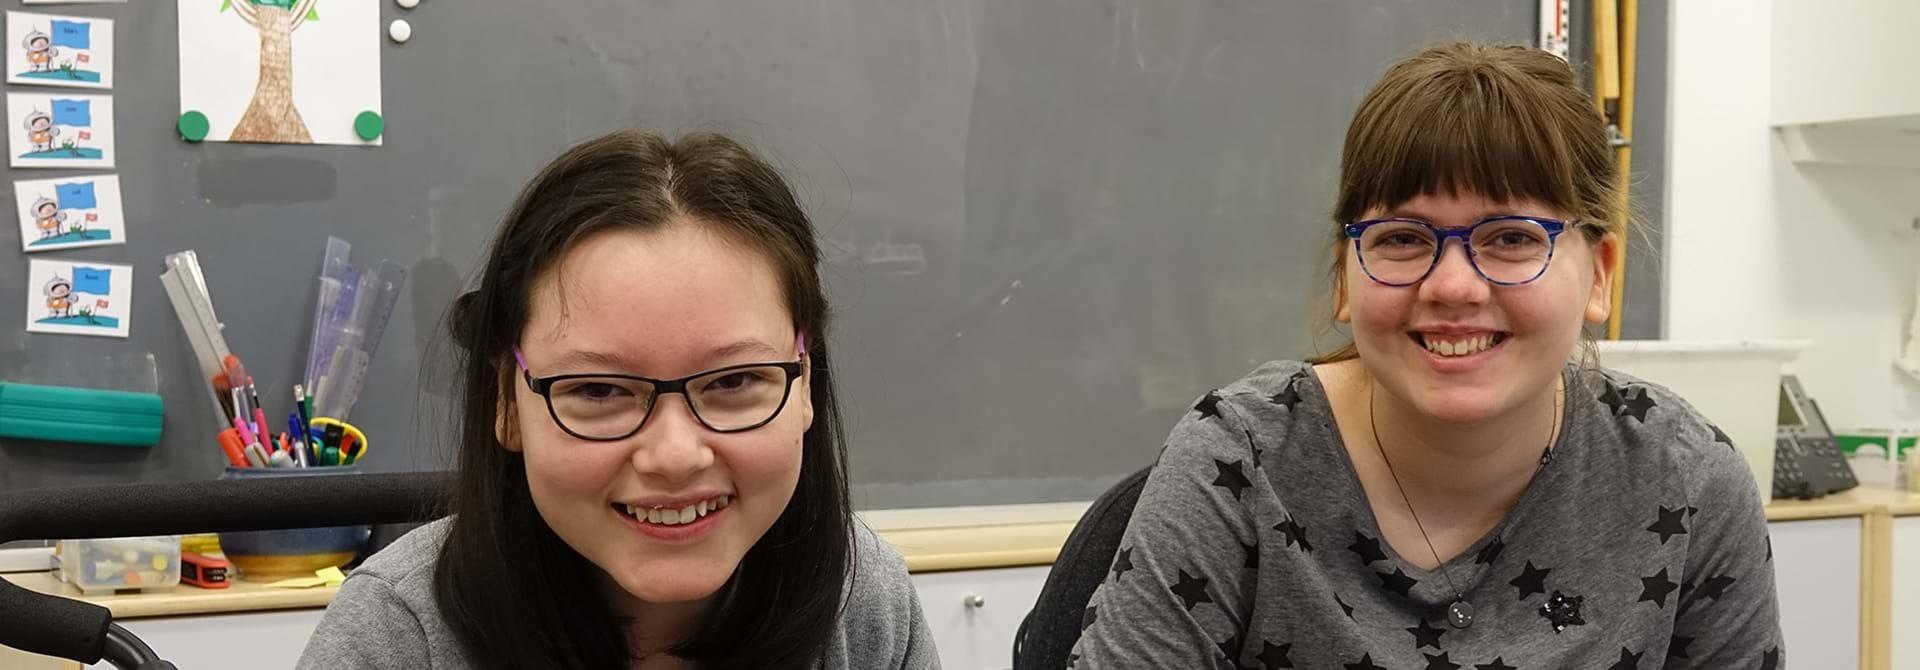 Laura og Maya er børn med cerebral parese på Geelsgårdskolen